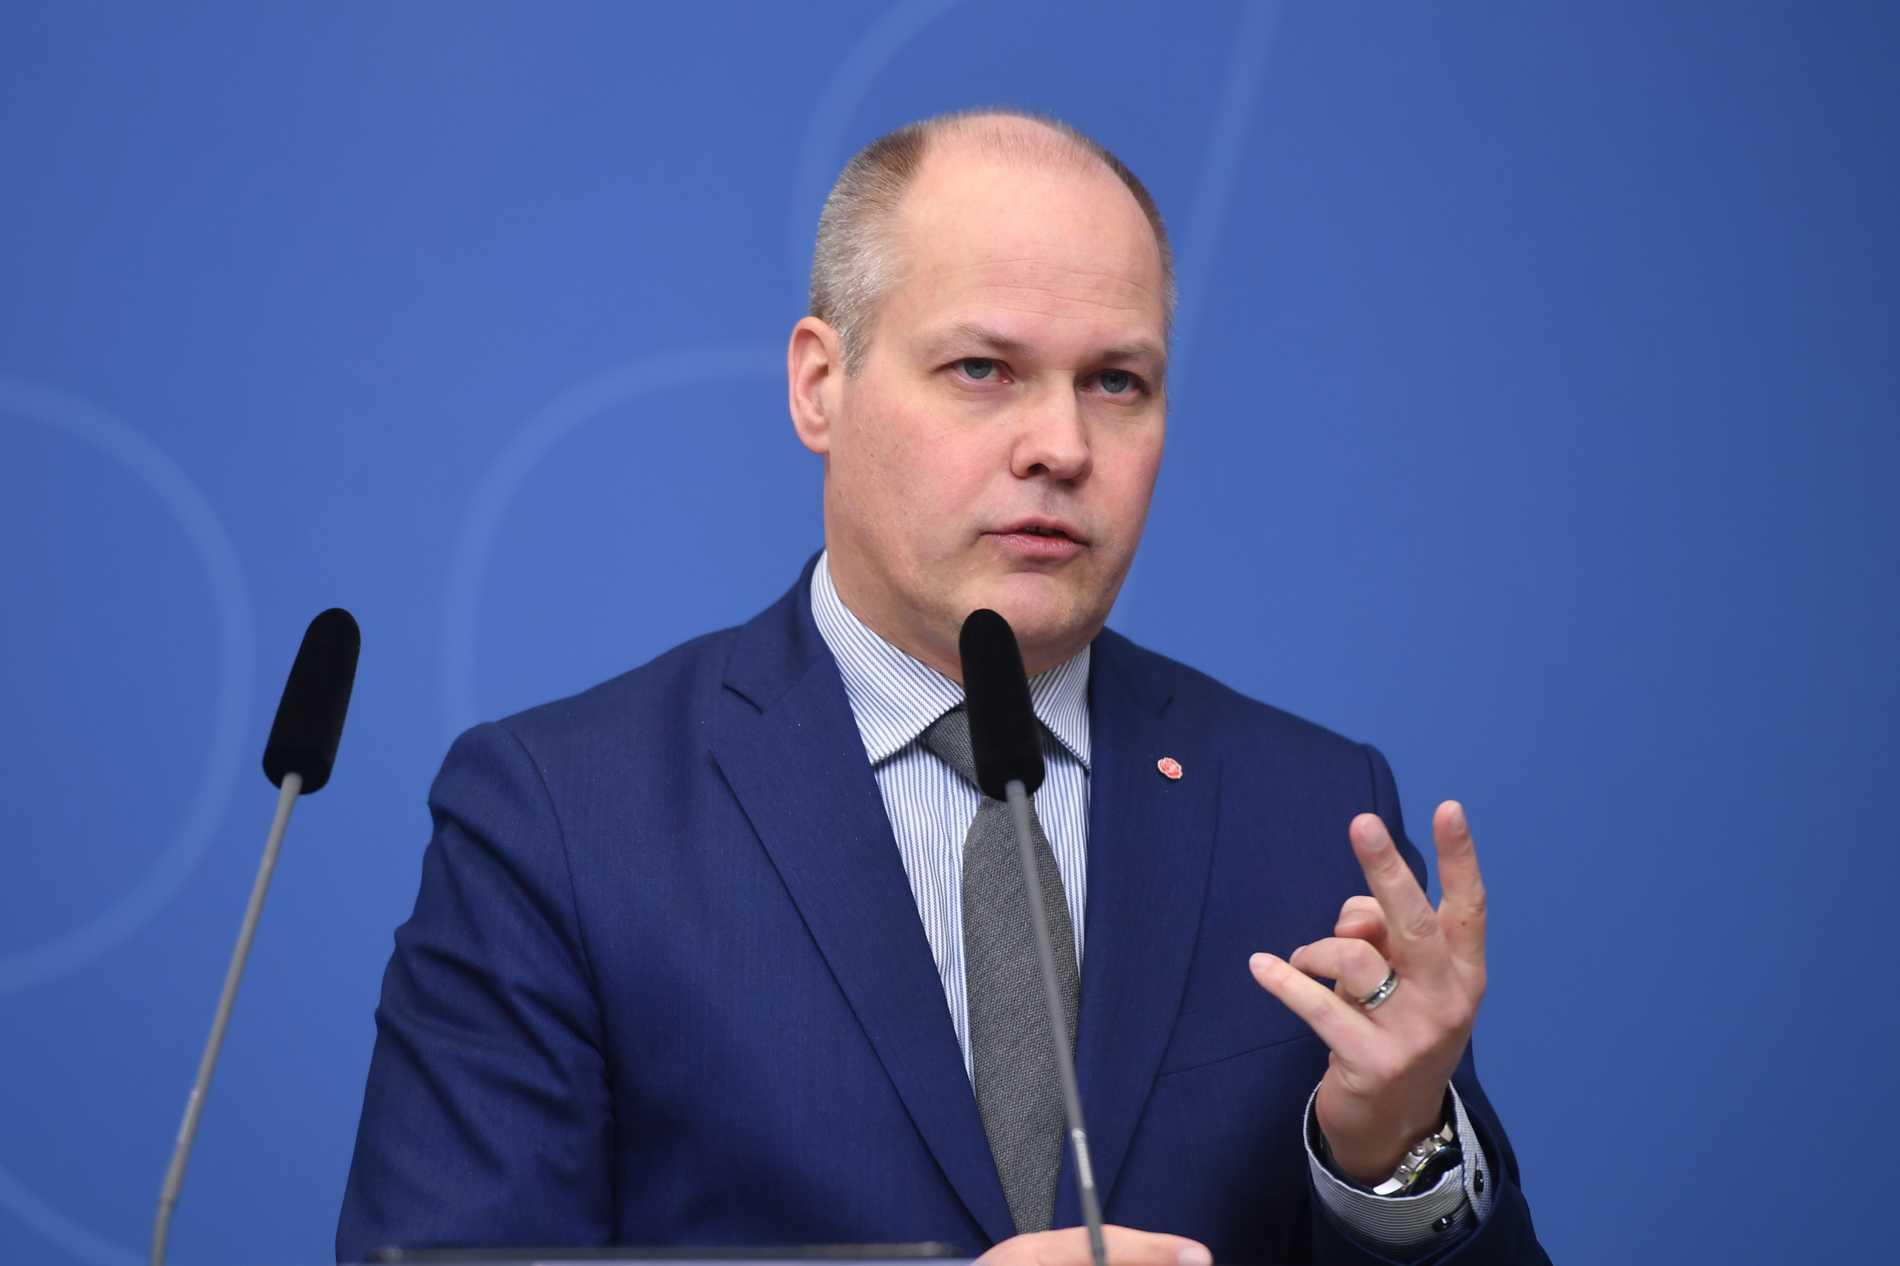 Justitieminister Morgan Johansson (S) tror att en ny samtyckeslag kommer att leda till fler fällande domar. Arkivbild.